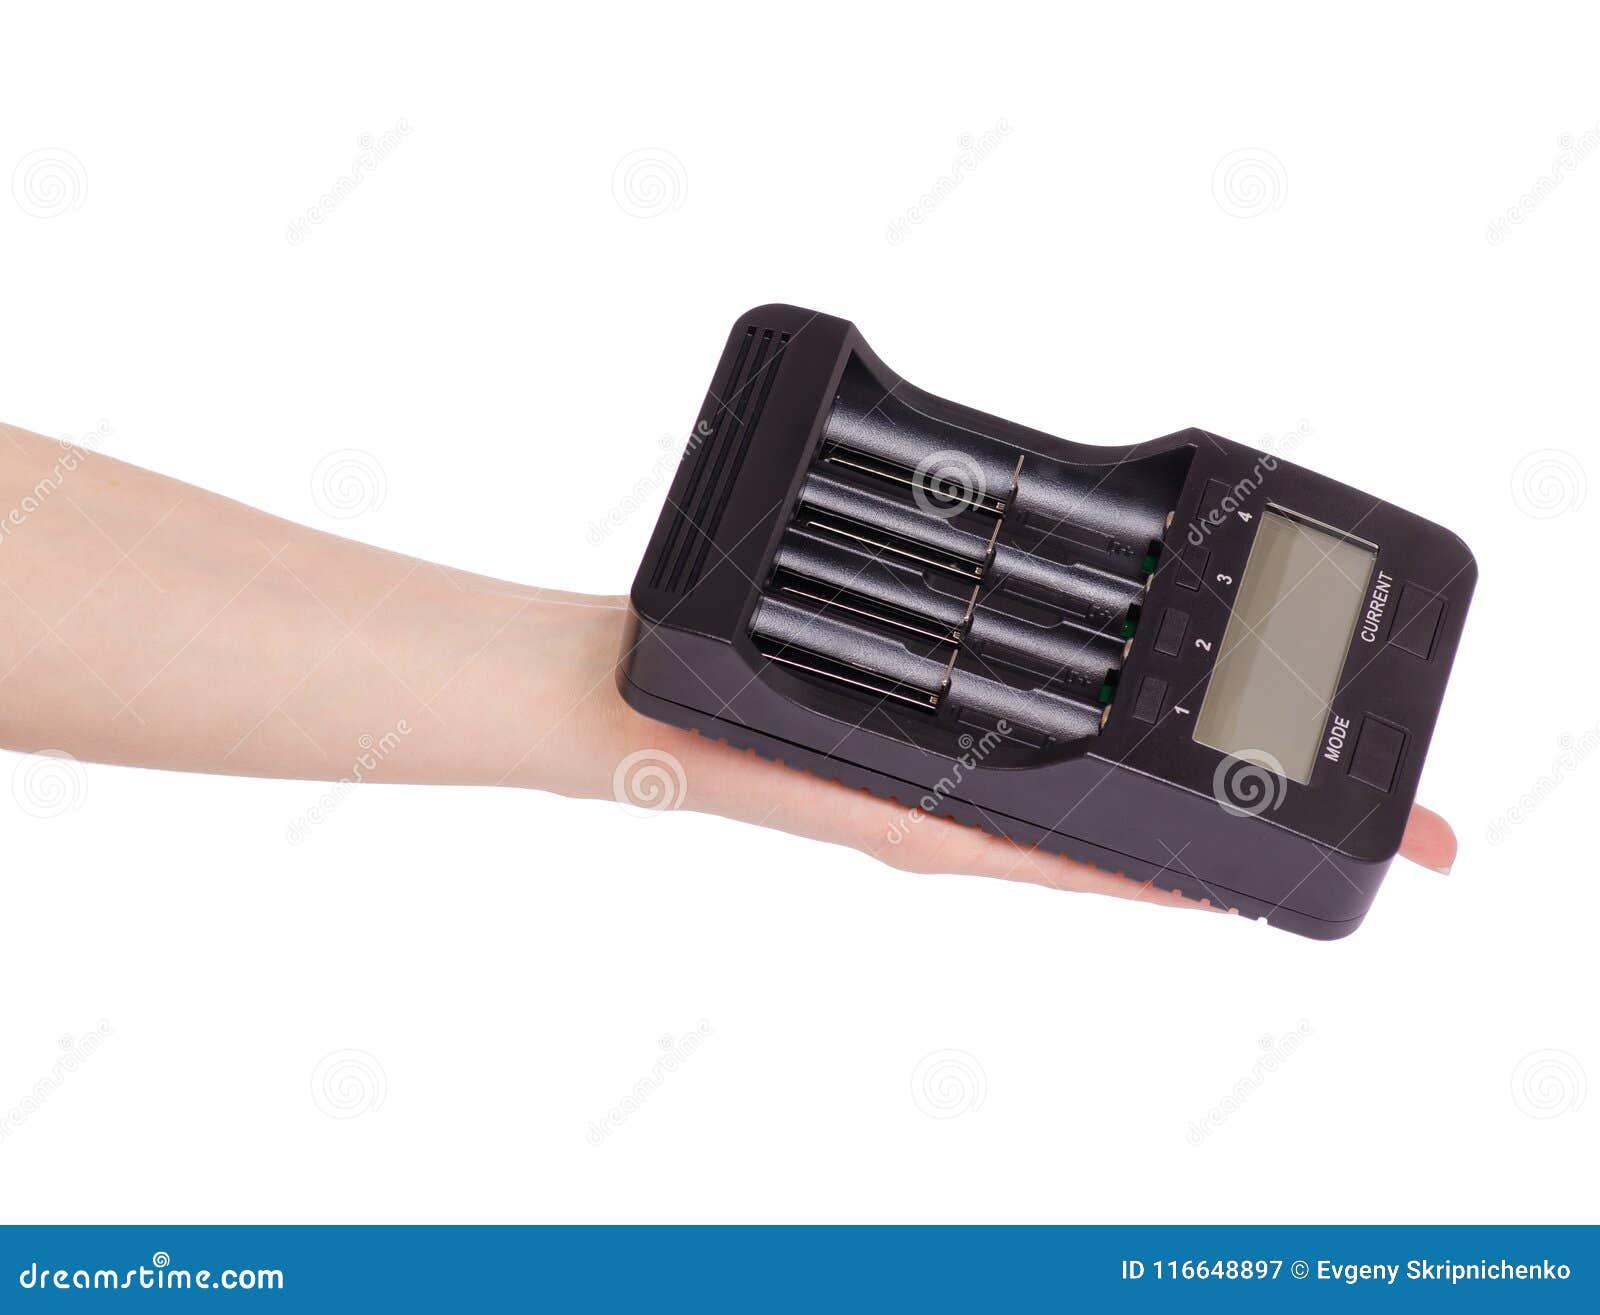 Elektrisk intellektuell för batteriuppladdare i hand